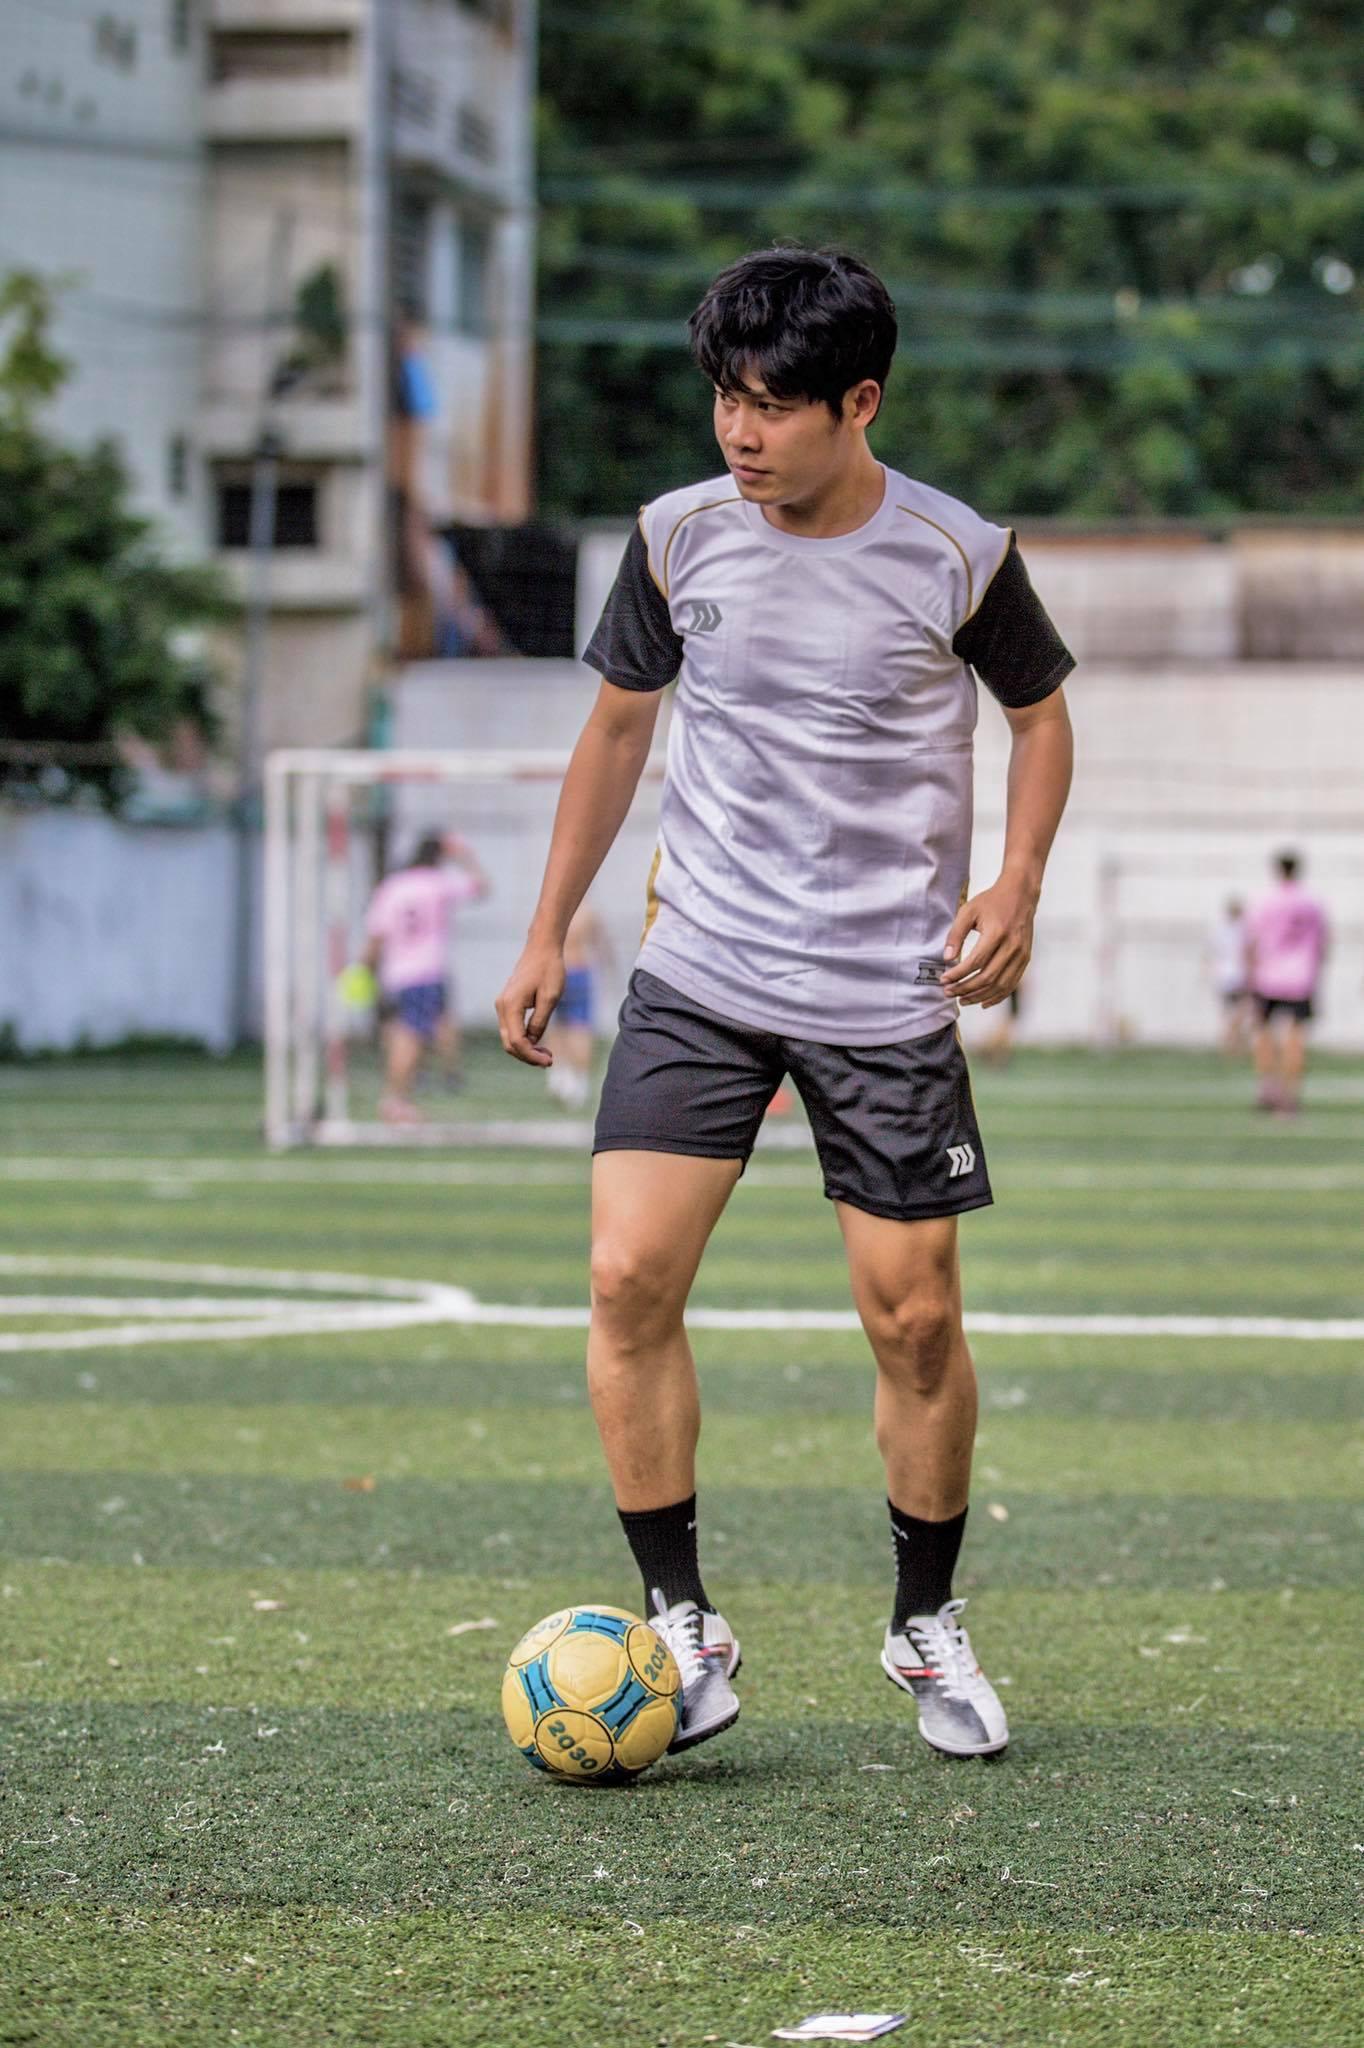 244696343228940275946881343494036900212632n 1633613772156706176404 ĐT Việt Nam sẽ có một trận đấu ra trò trước ĐT Trung Quốc